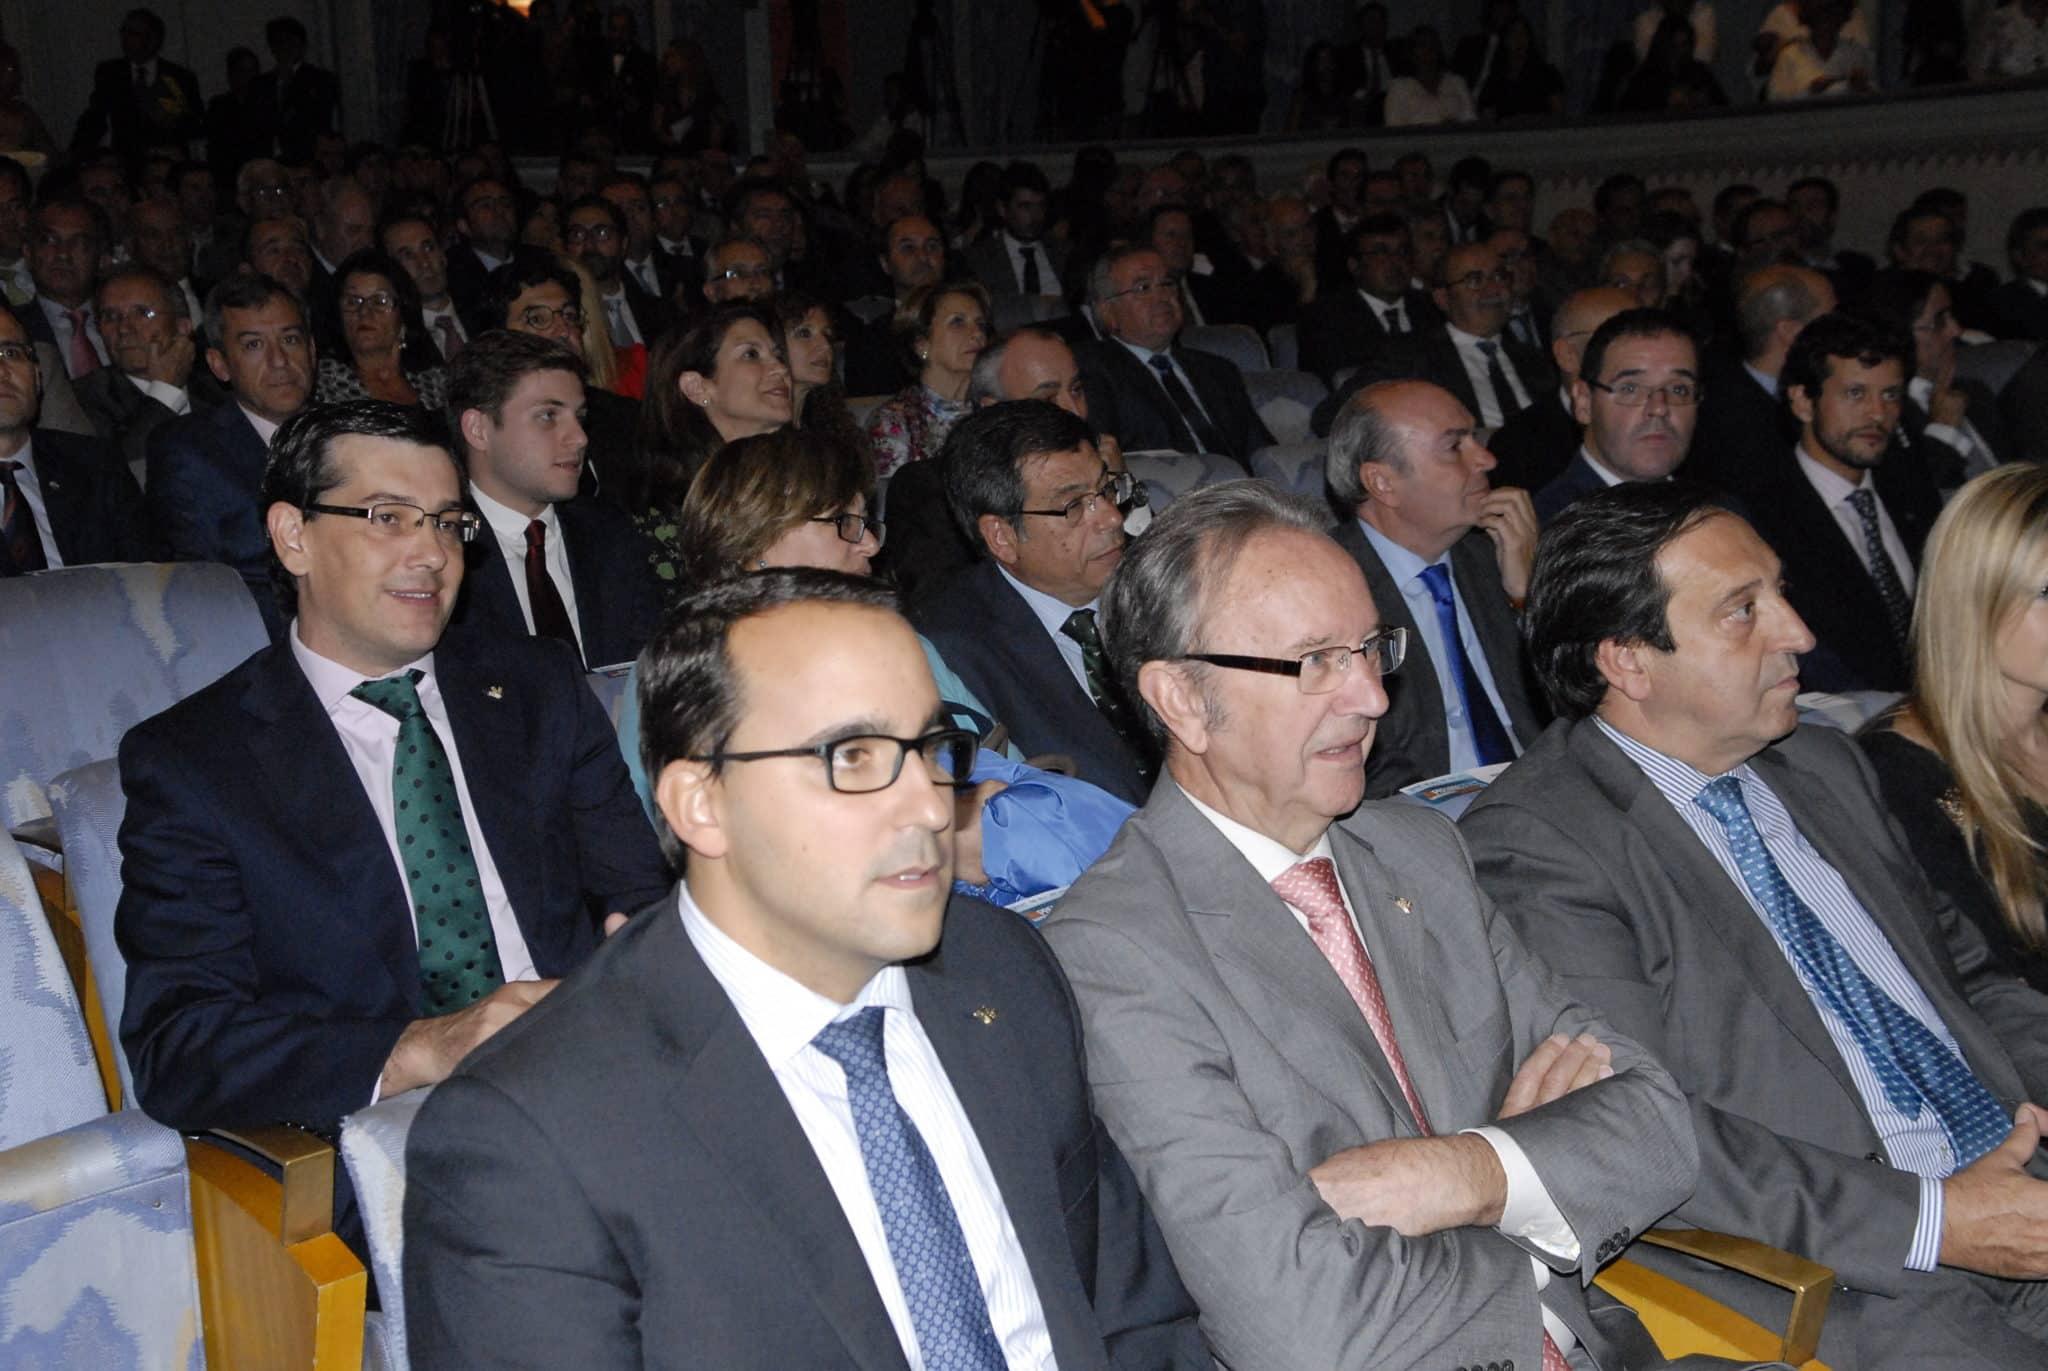 https://blog.globalcaja.es/wp-content/uploads/2015/10/globalcaja-cecam-oct-2015-042.jpg